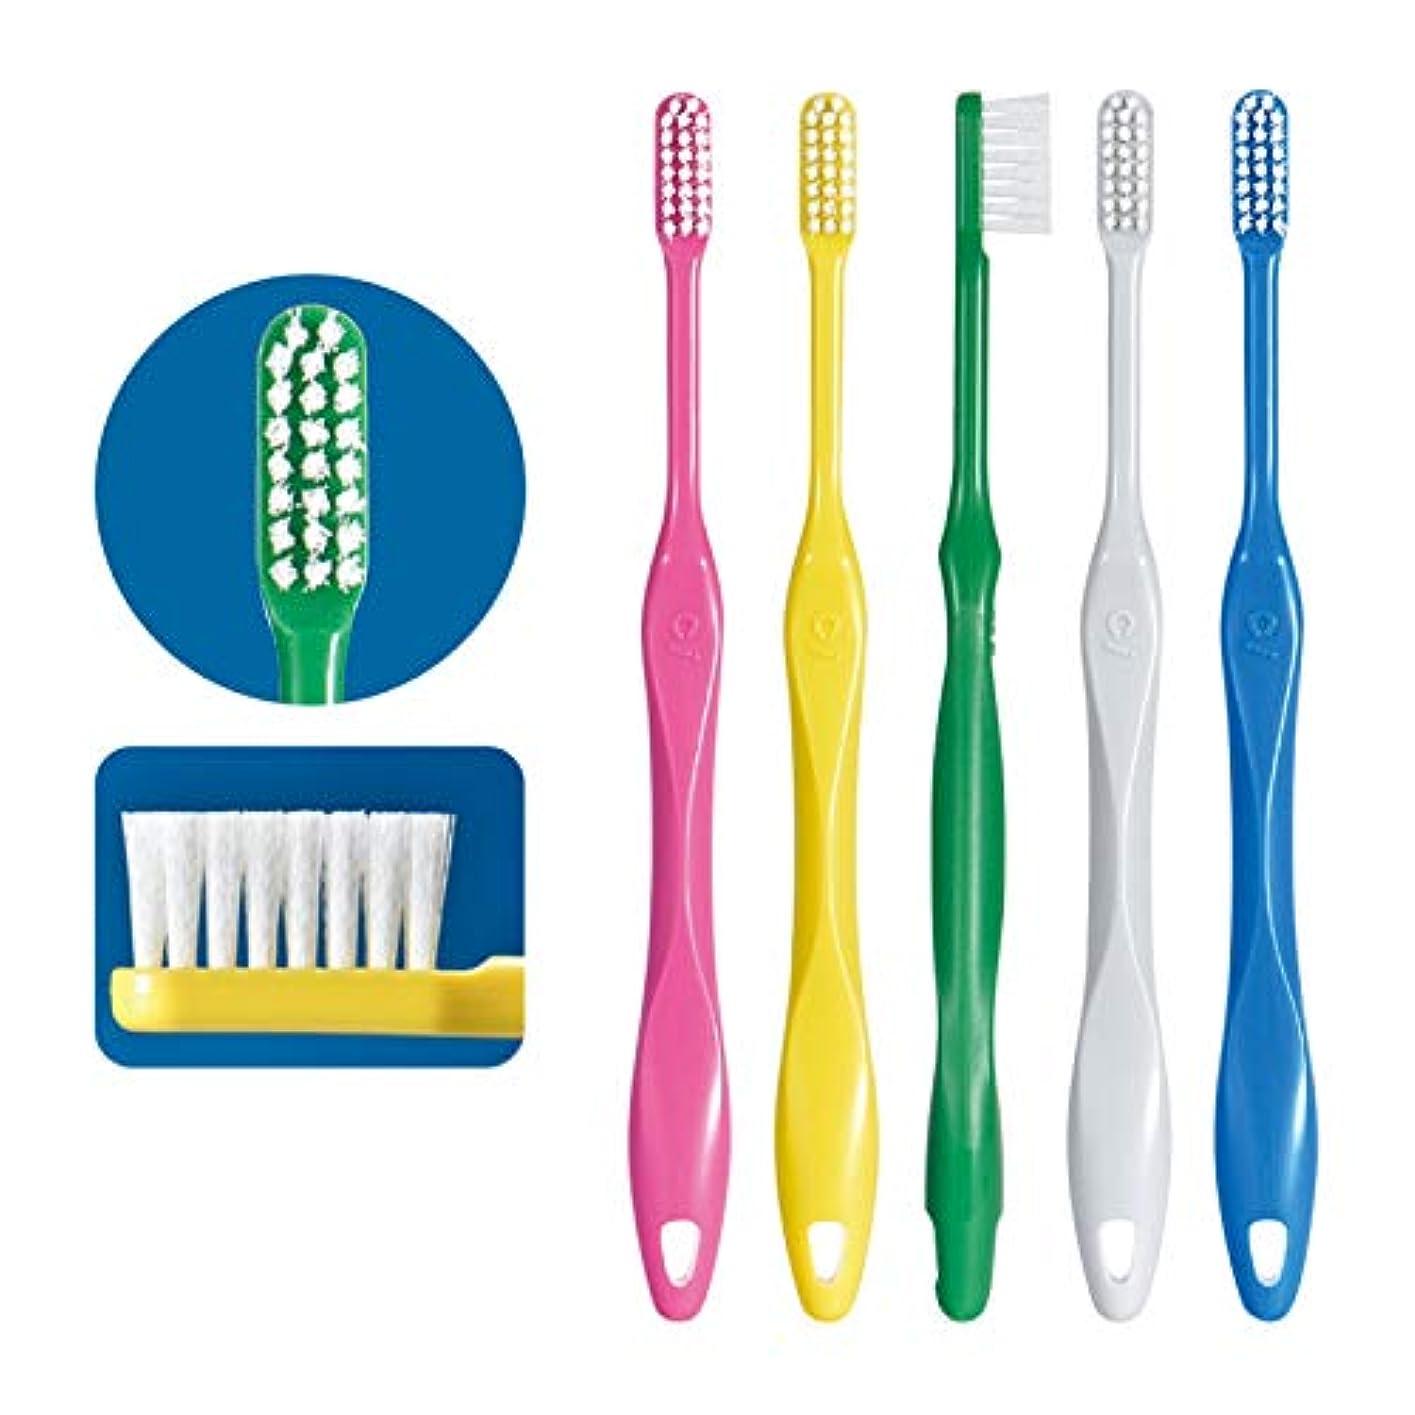 ゲスト必要降下Ci スマート 歯ブラシ 20本 S(やわらかめ) 日本製 大人用歯ブラシ 歯科専売品